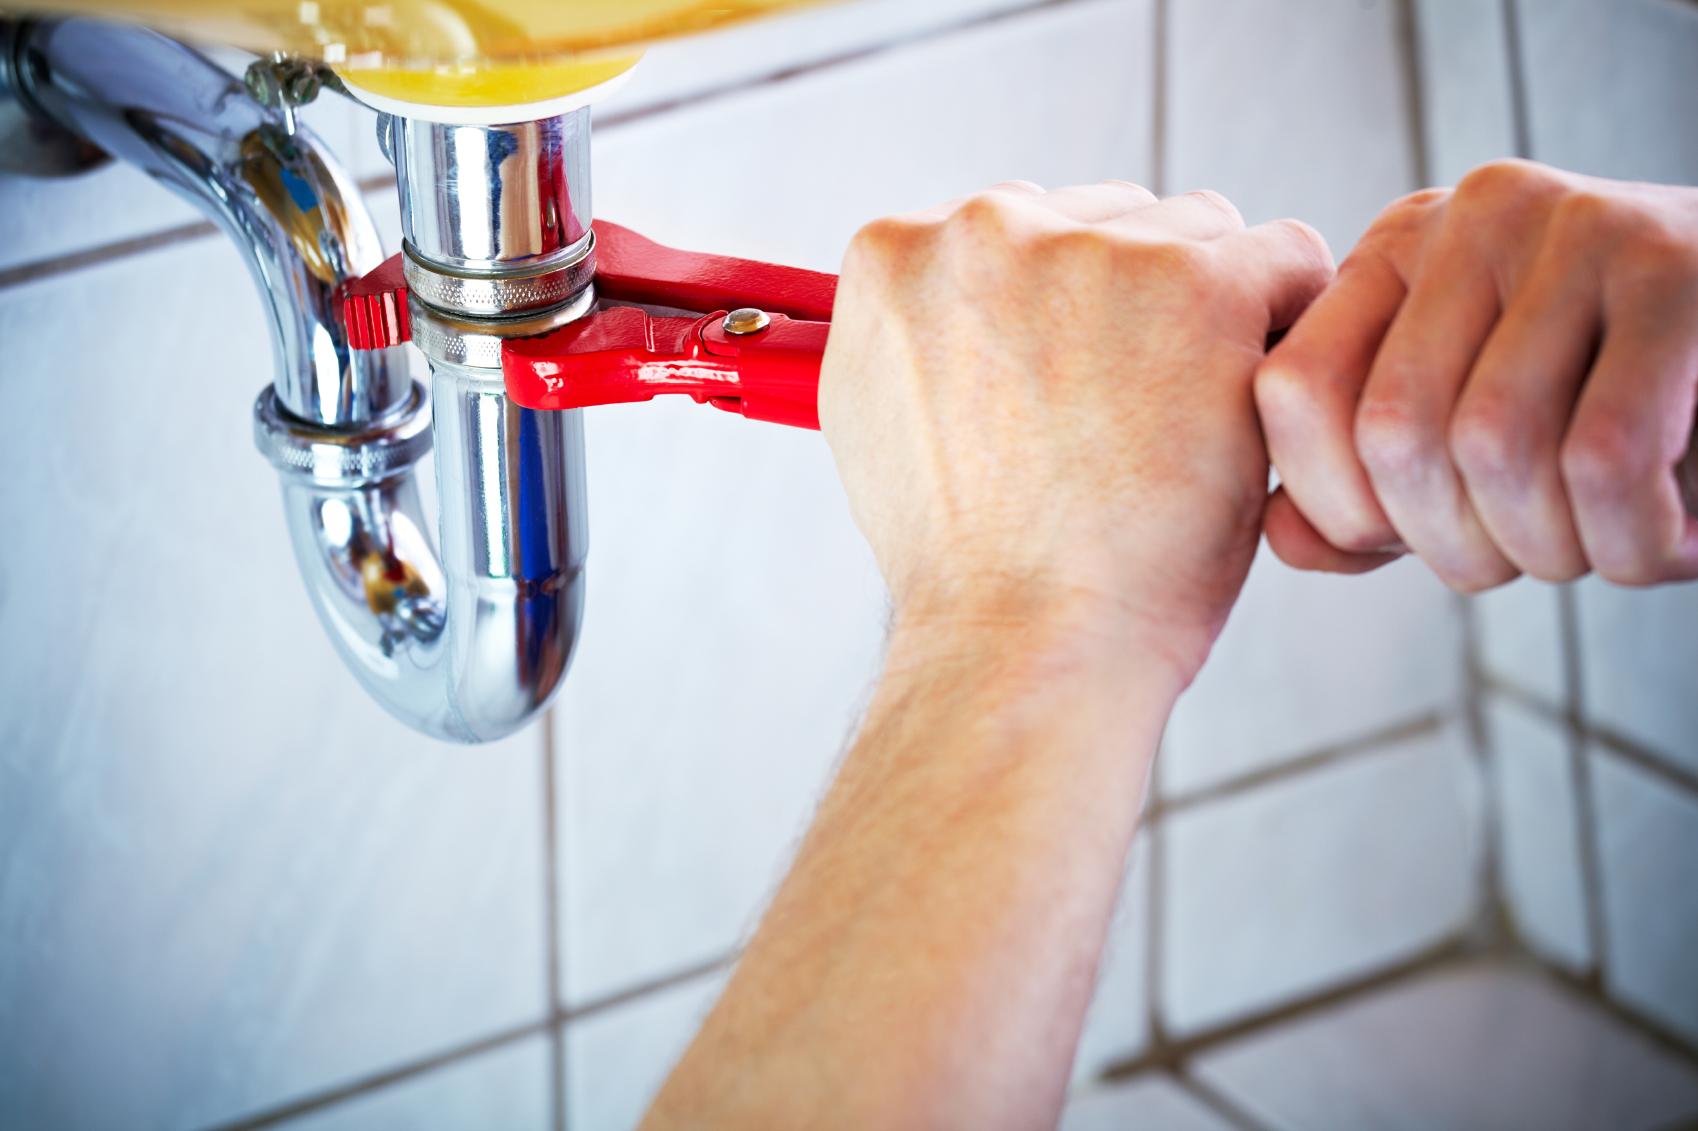 Household Plumbing